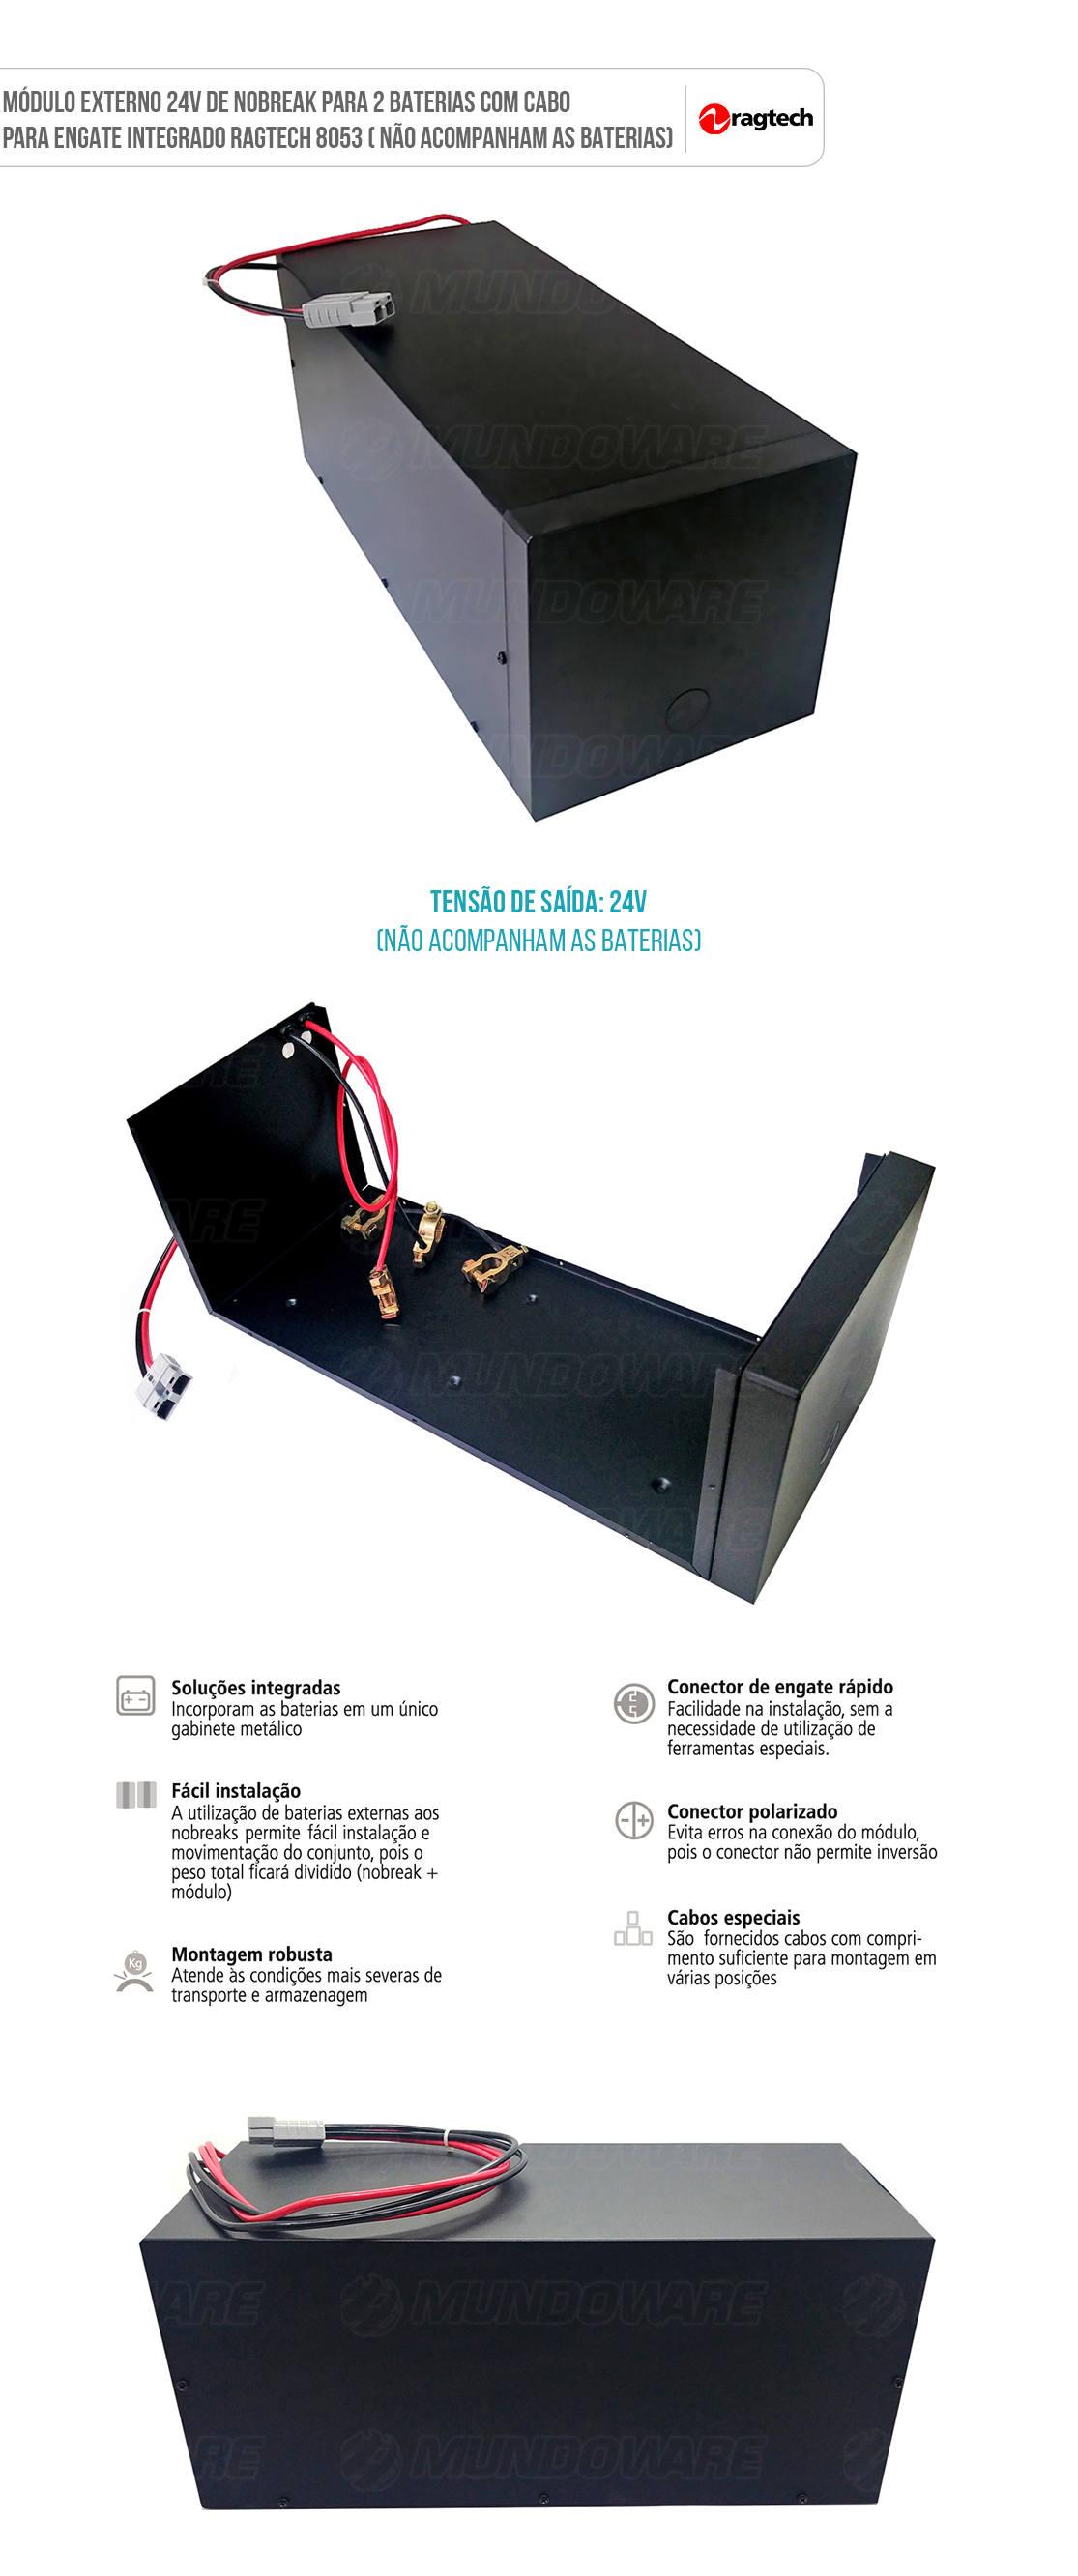 Módulo Externo 24V de Nobreak para 2 Baterias com Cabo para Conexão Integrado Ragtech MB 2 A40/27 8053 (Sem Baterias)